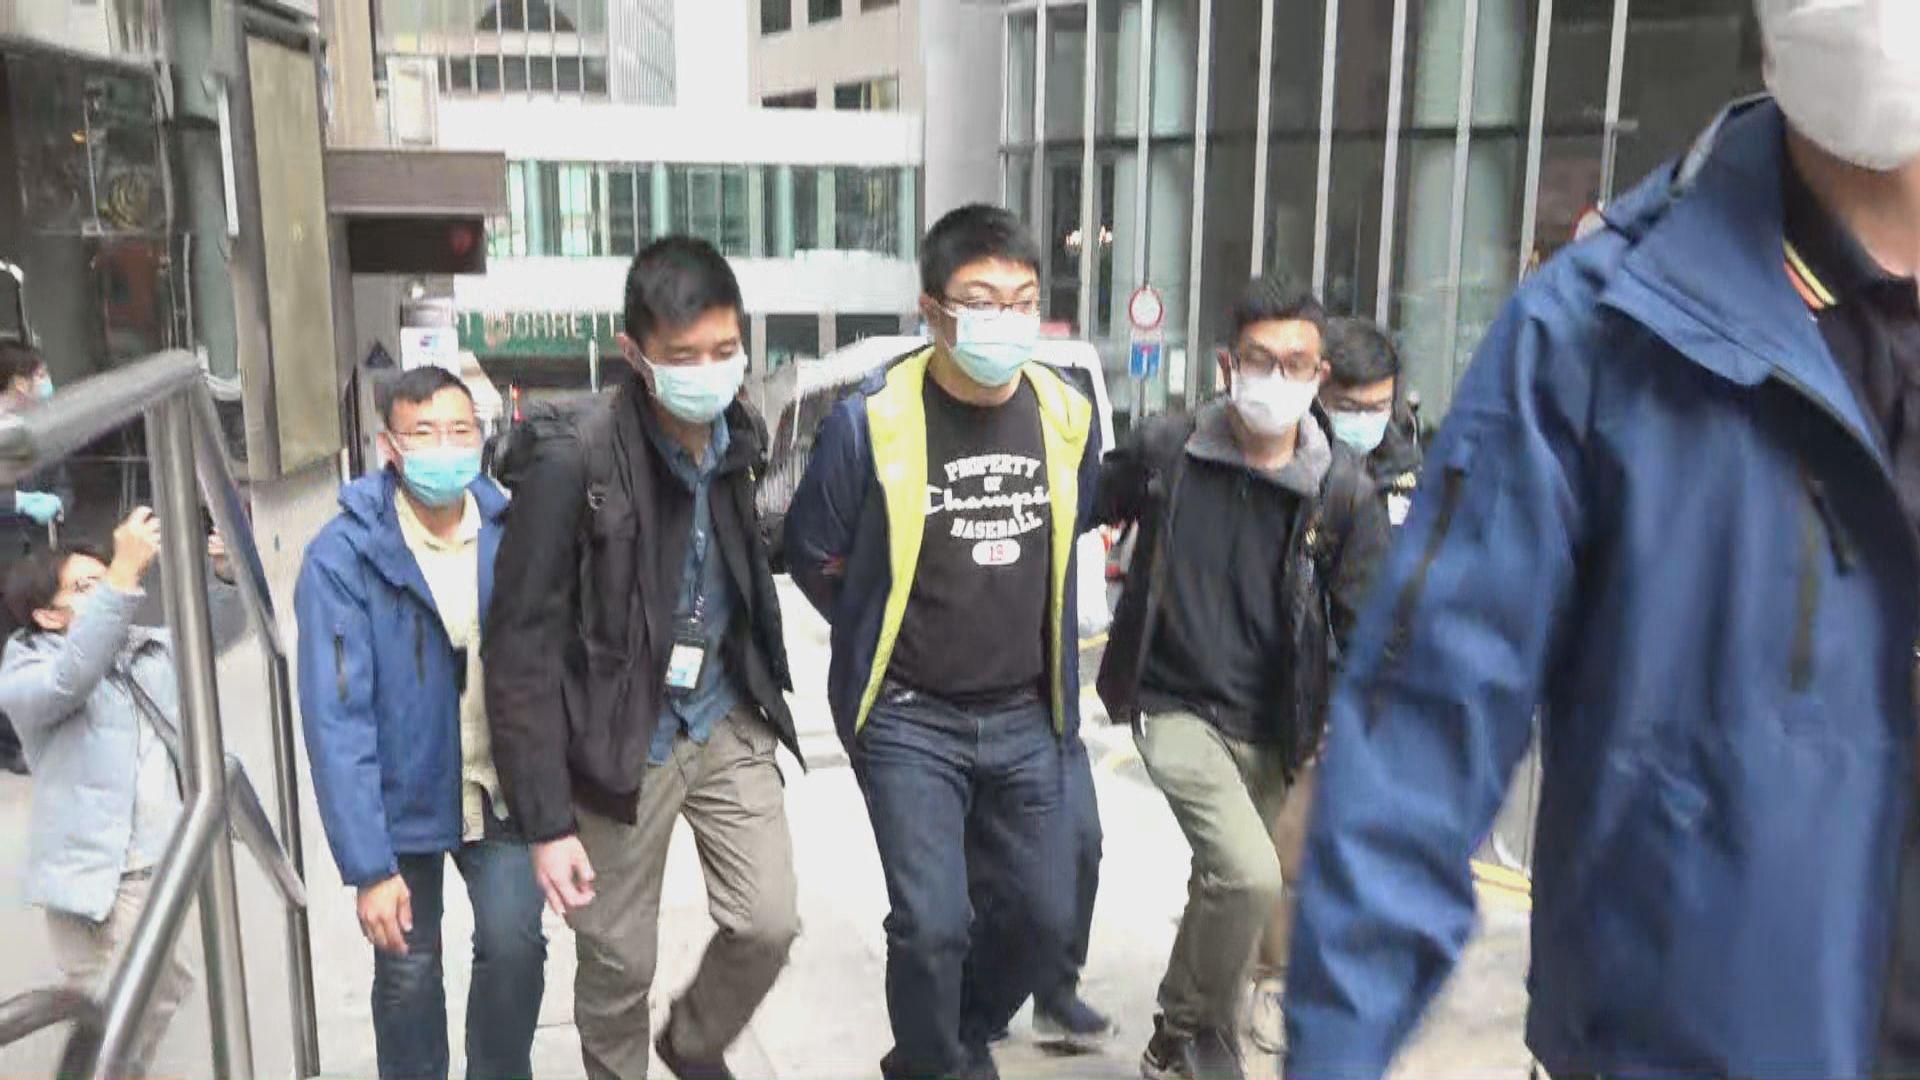 李家超:若初選歹毒計劃得逞 香港陷萬劫不復深淵